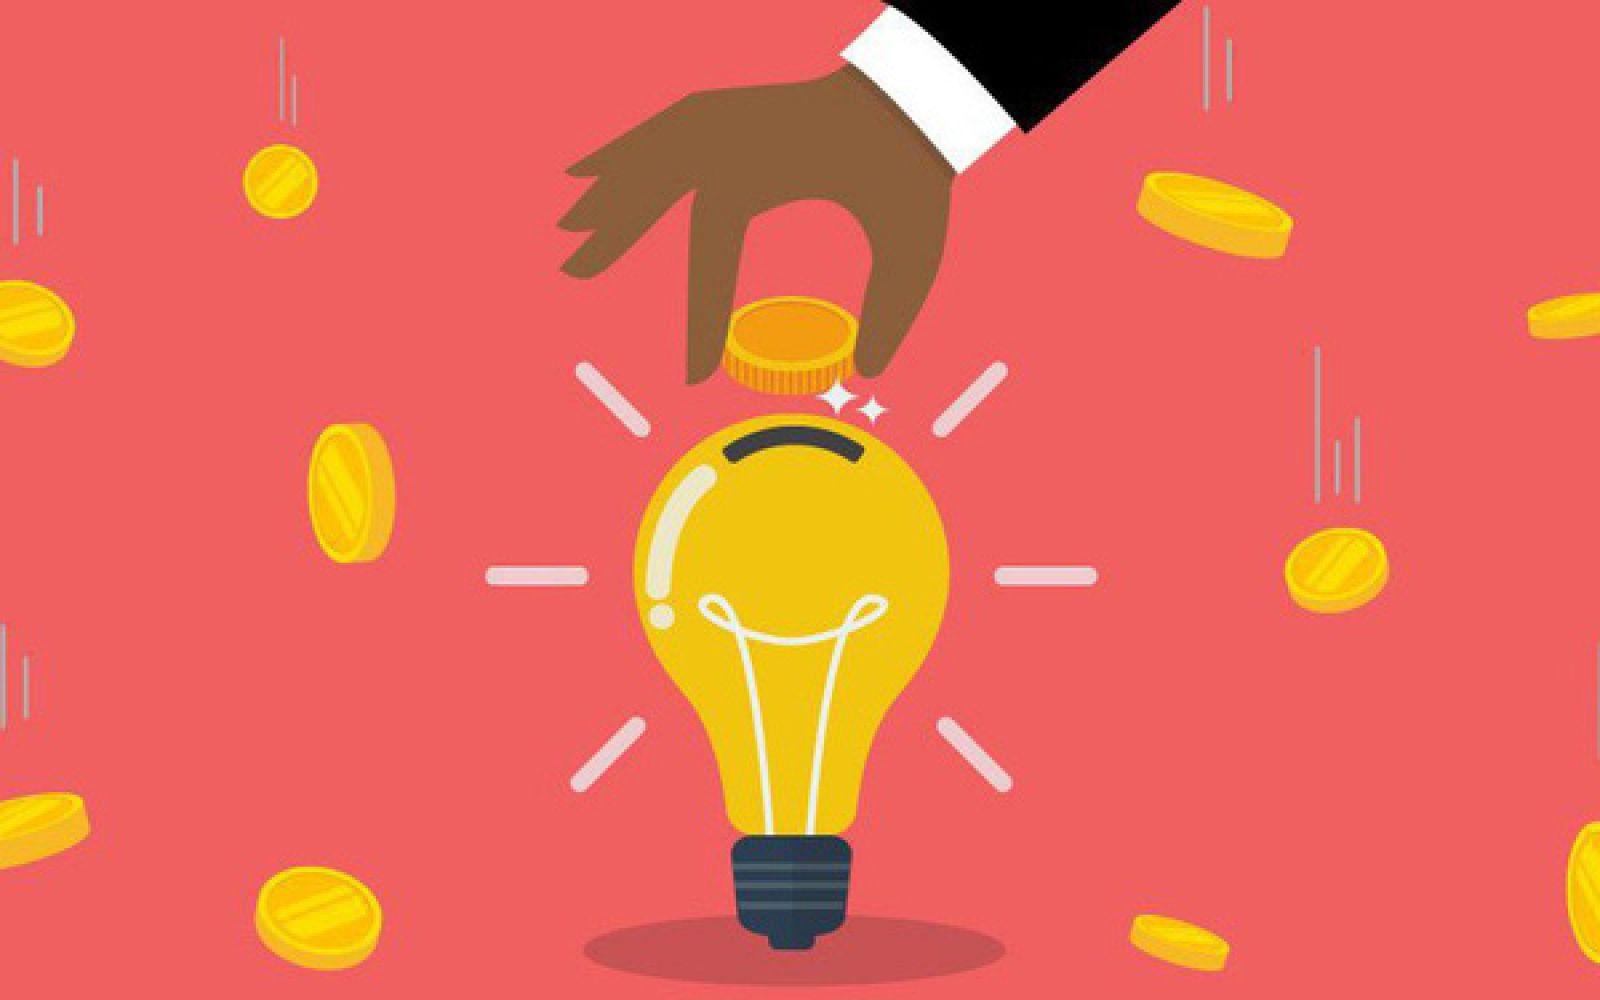 Ý tưởng có thể thực hiện được trên thị trường hay không là câu hỏi đánh giá ý tưởng khởi nghiệm chính xác